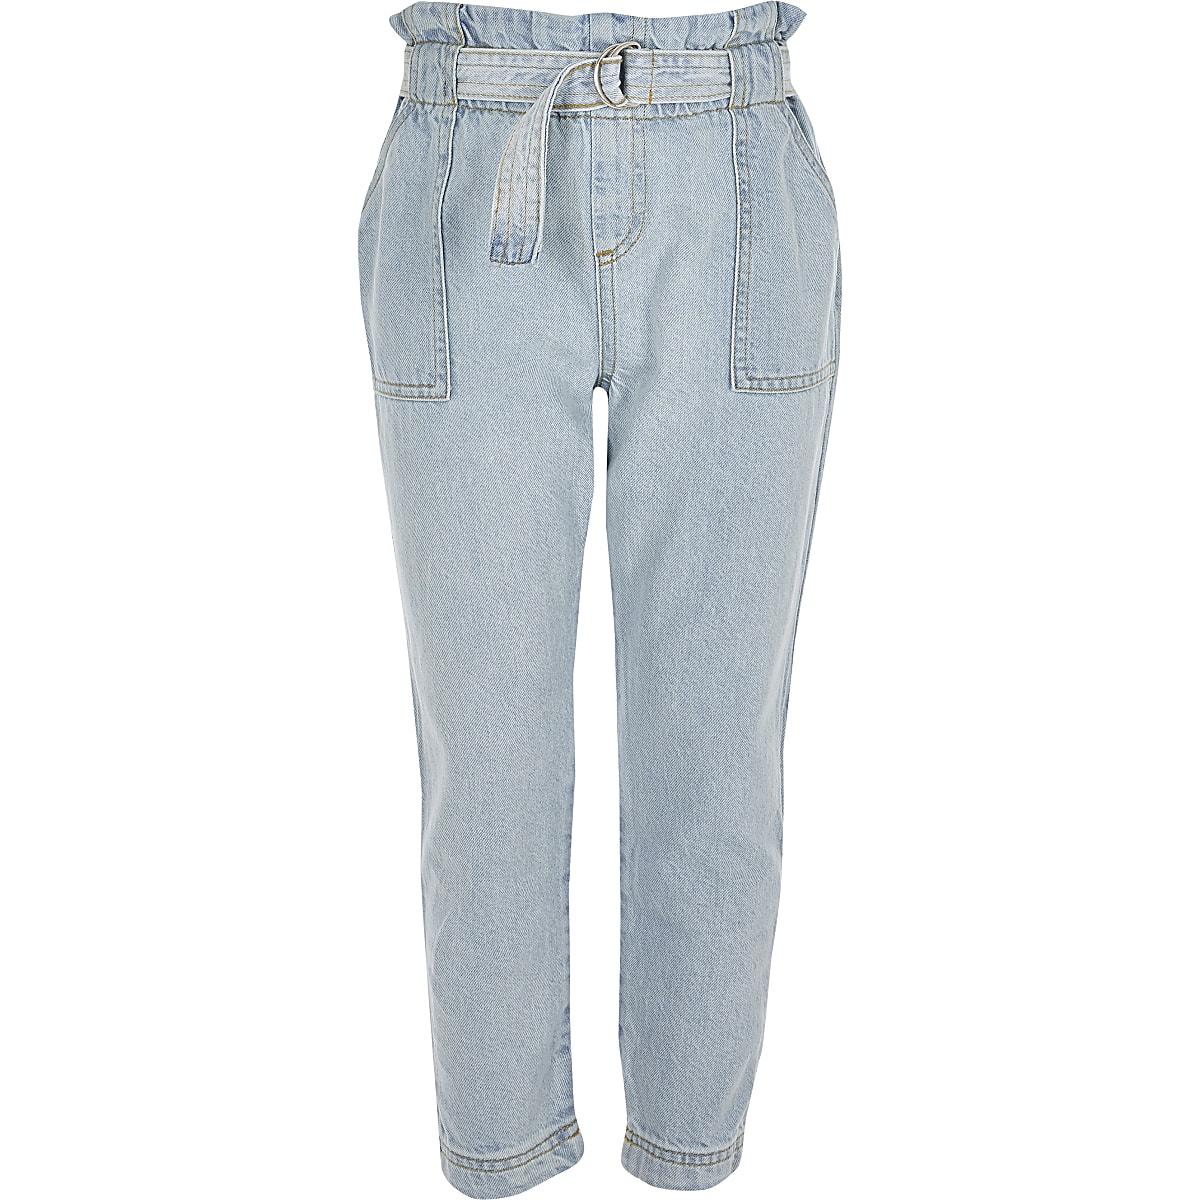 Lichtblauwe jeans met geplooide taille voor meisjes